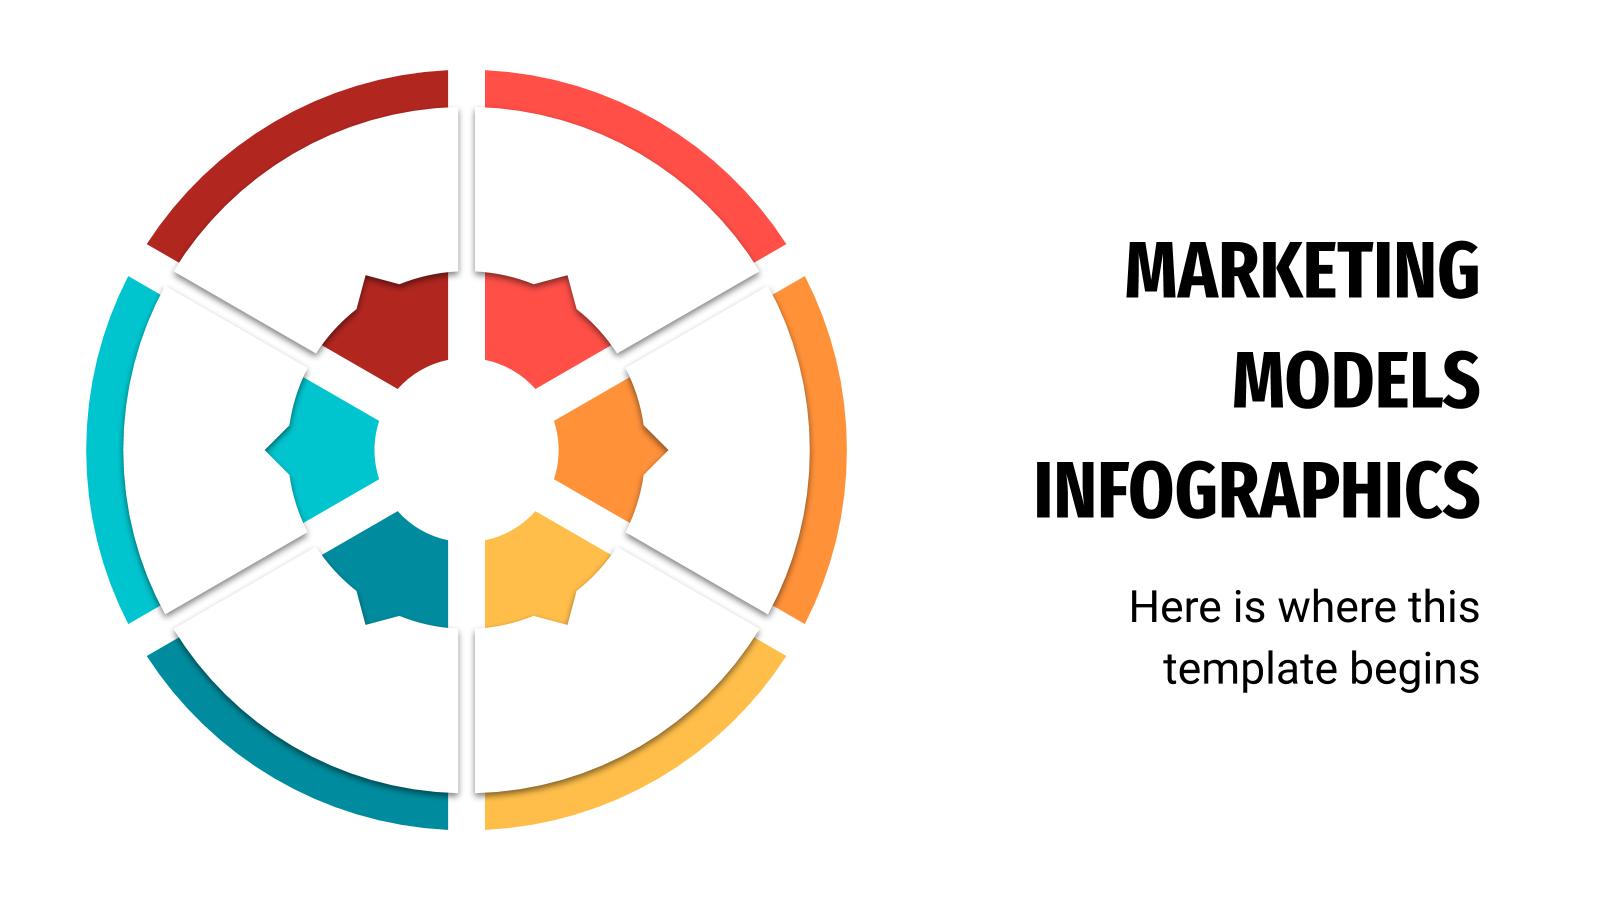 Infographies de modèles de marketing : Modèles de présentation